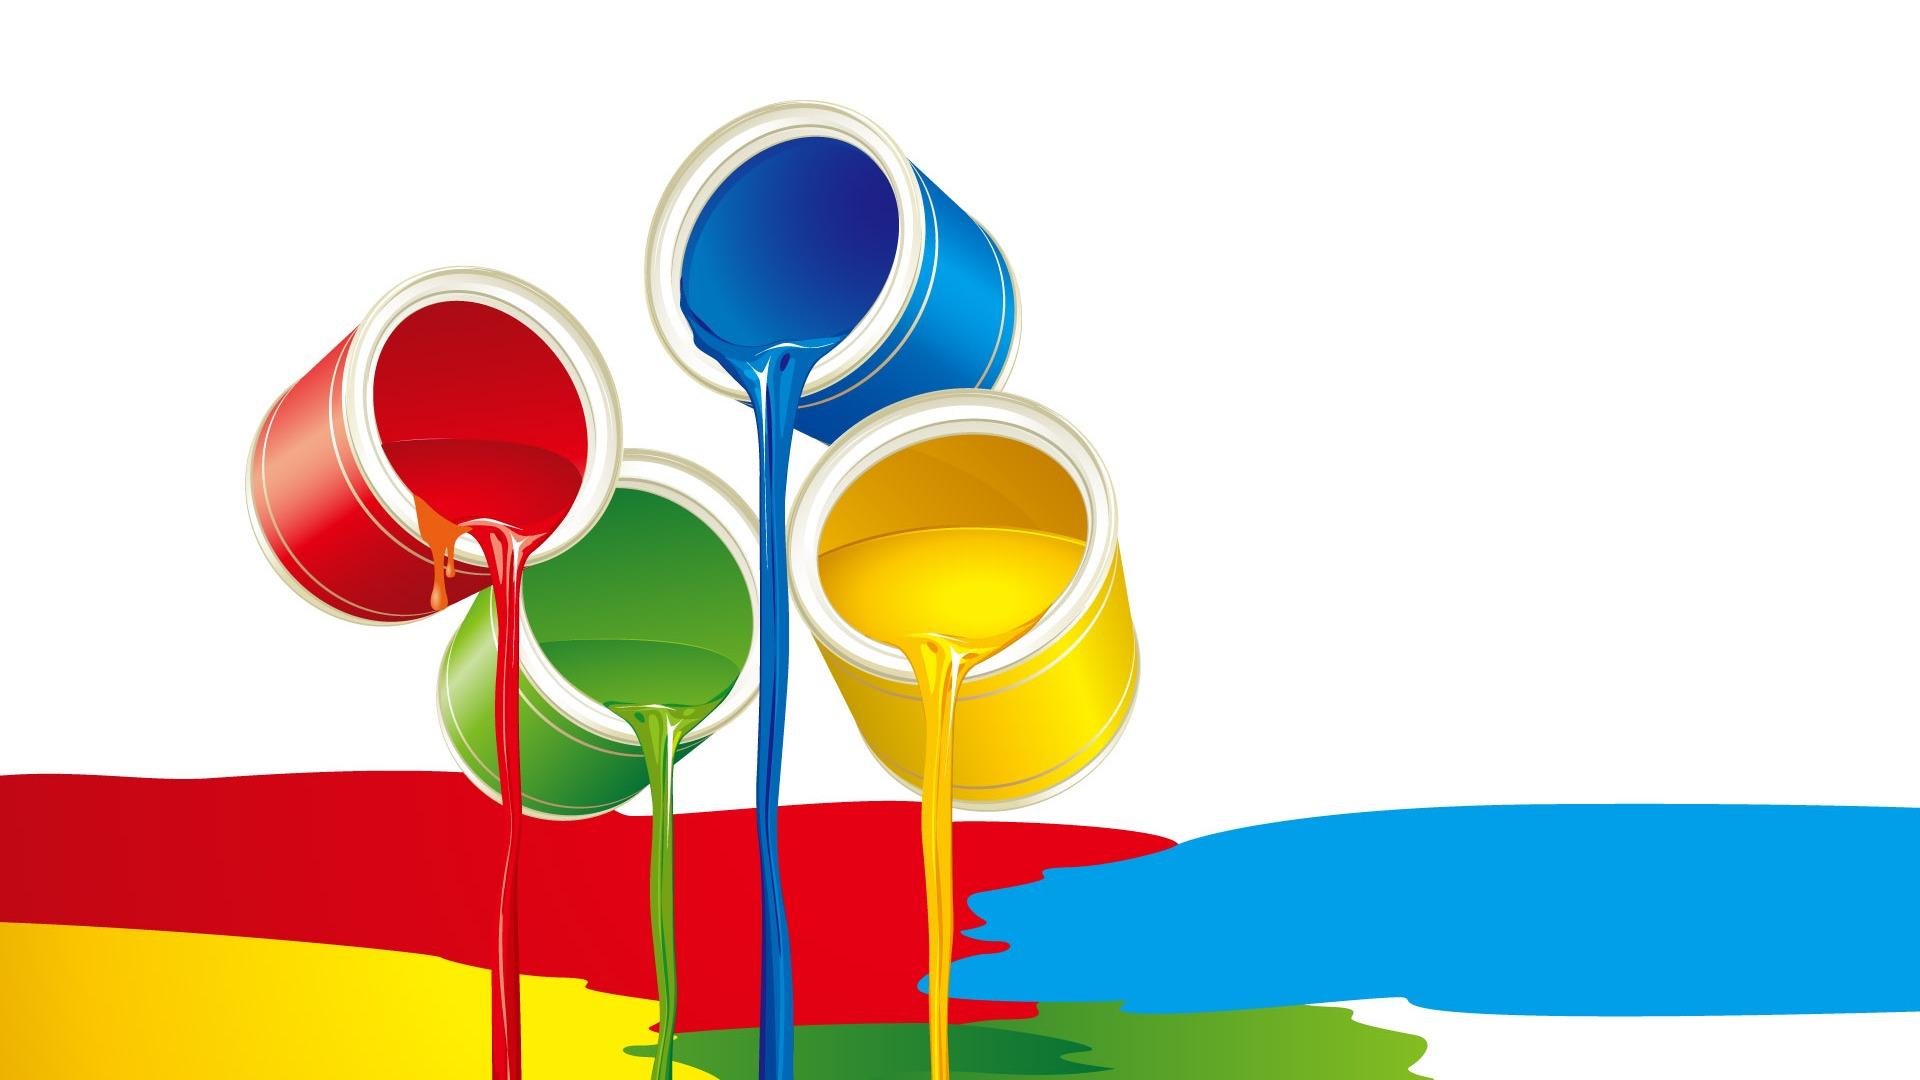 botes-de-pintura-wallpaper.jpg